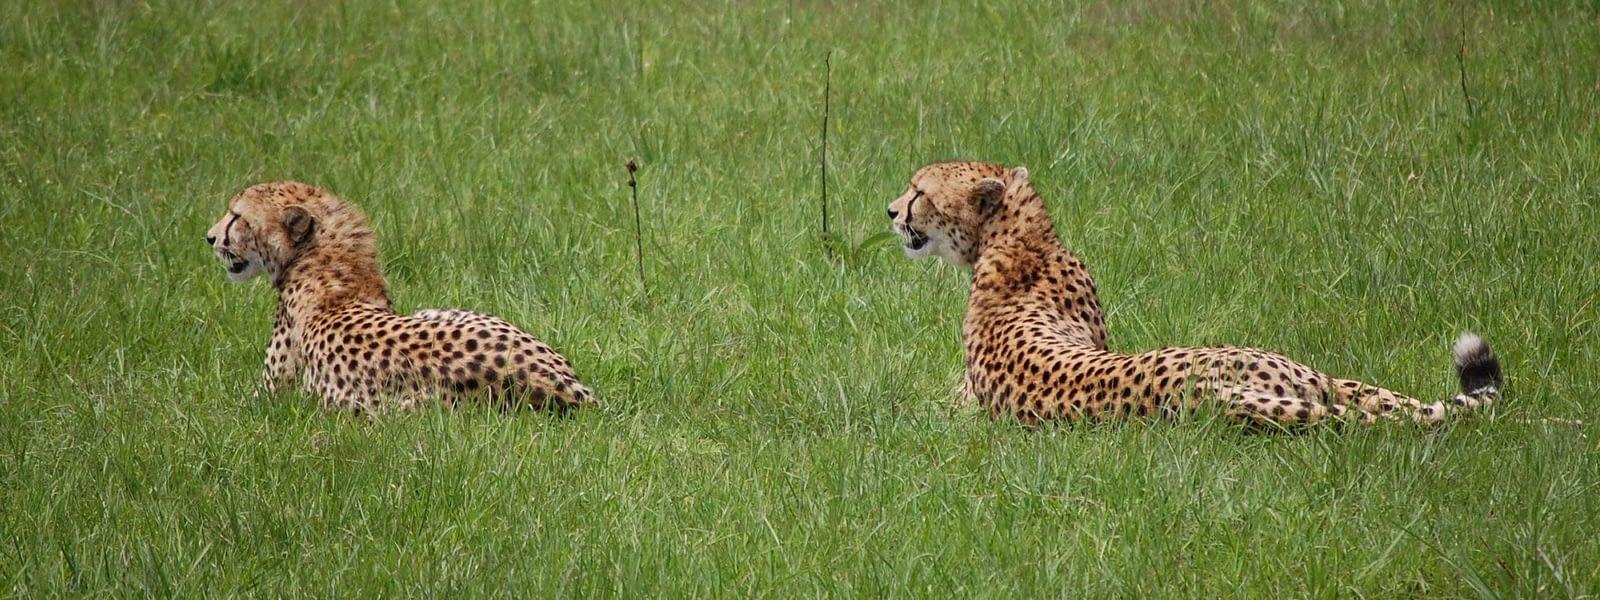 Maasai Mara Safari Kenya